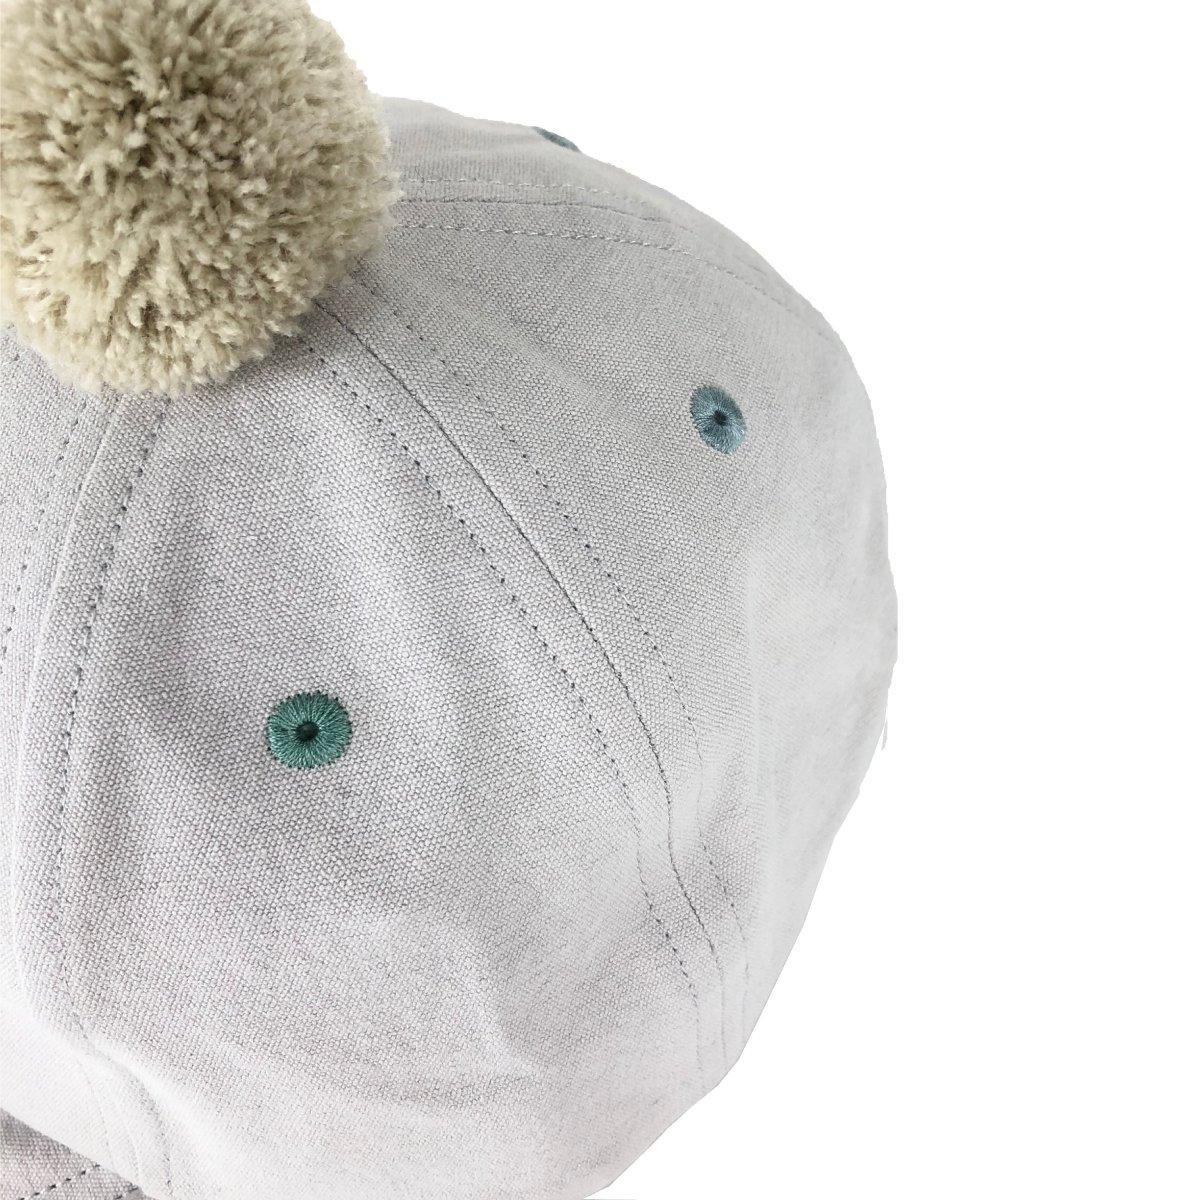 【BABY】Baby Dull Pon Cap 詳細画像16